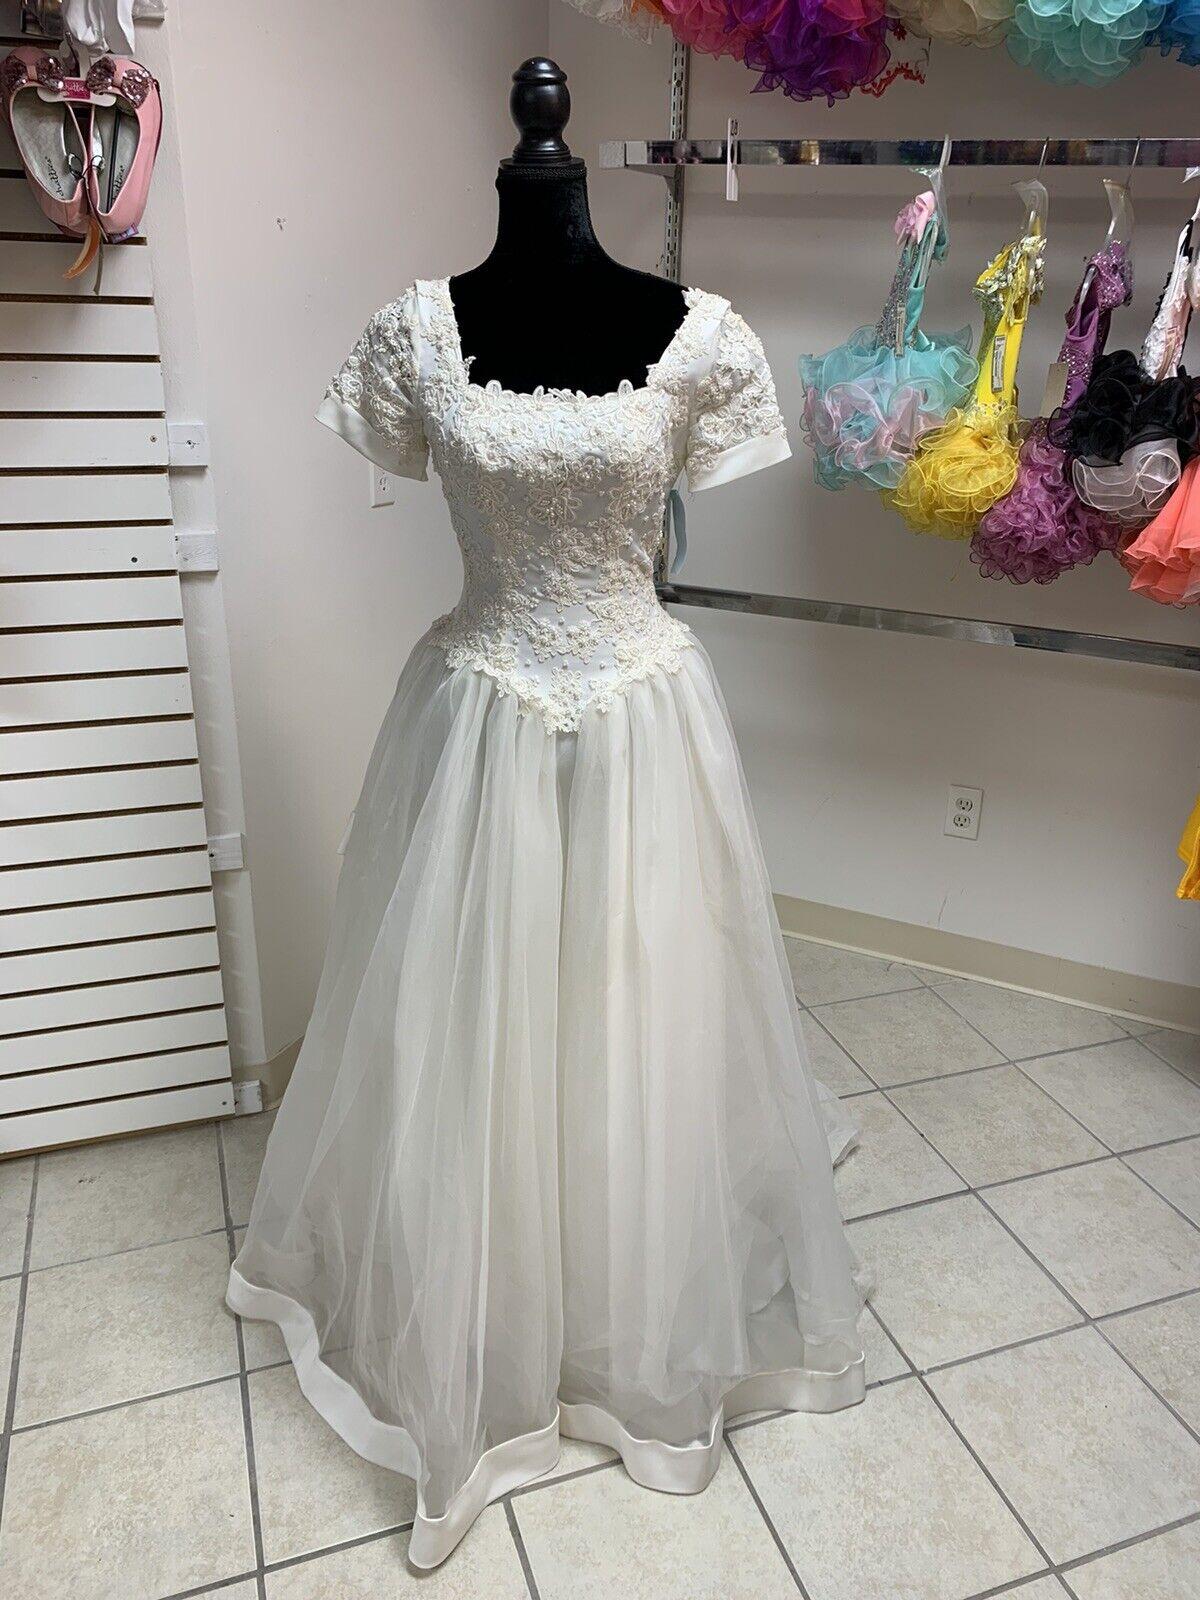 Size 6 Ivory Off White Beaded Short Sleeve Wedding Dress w/Train NWT